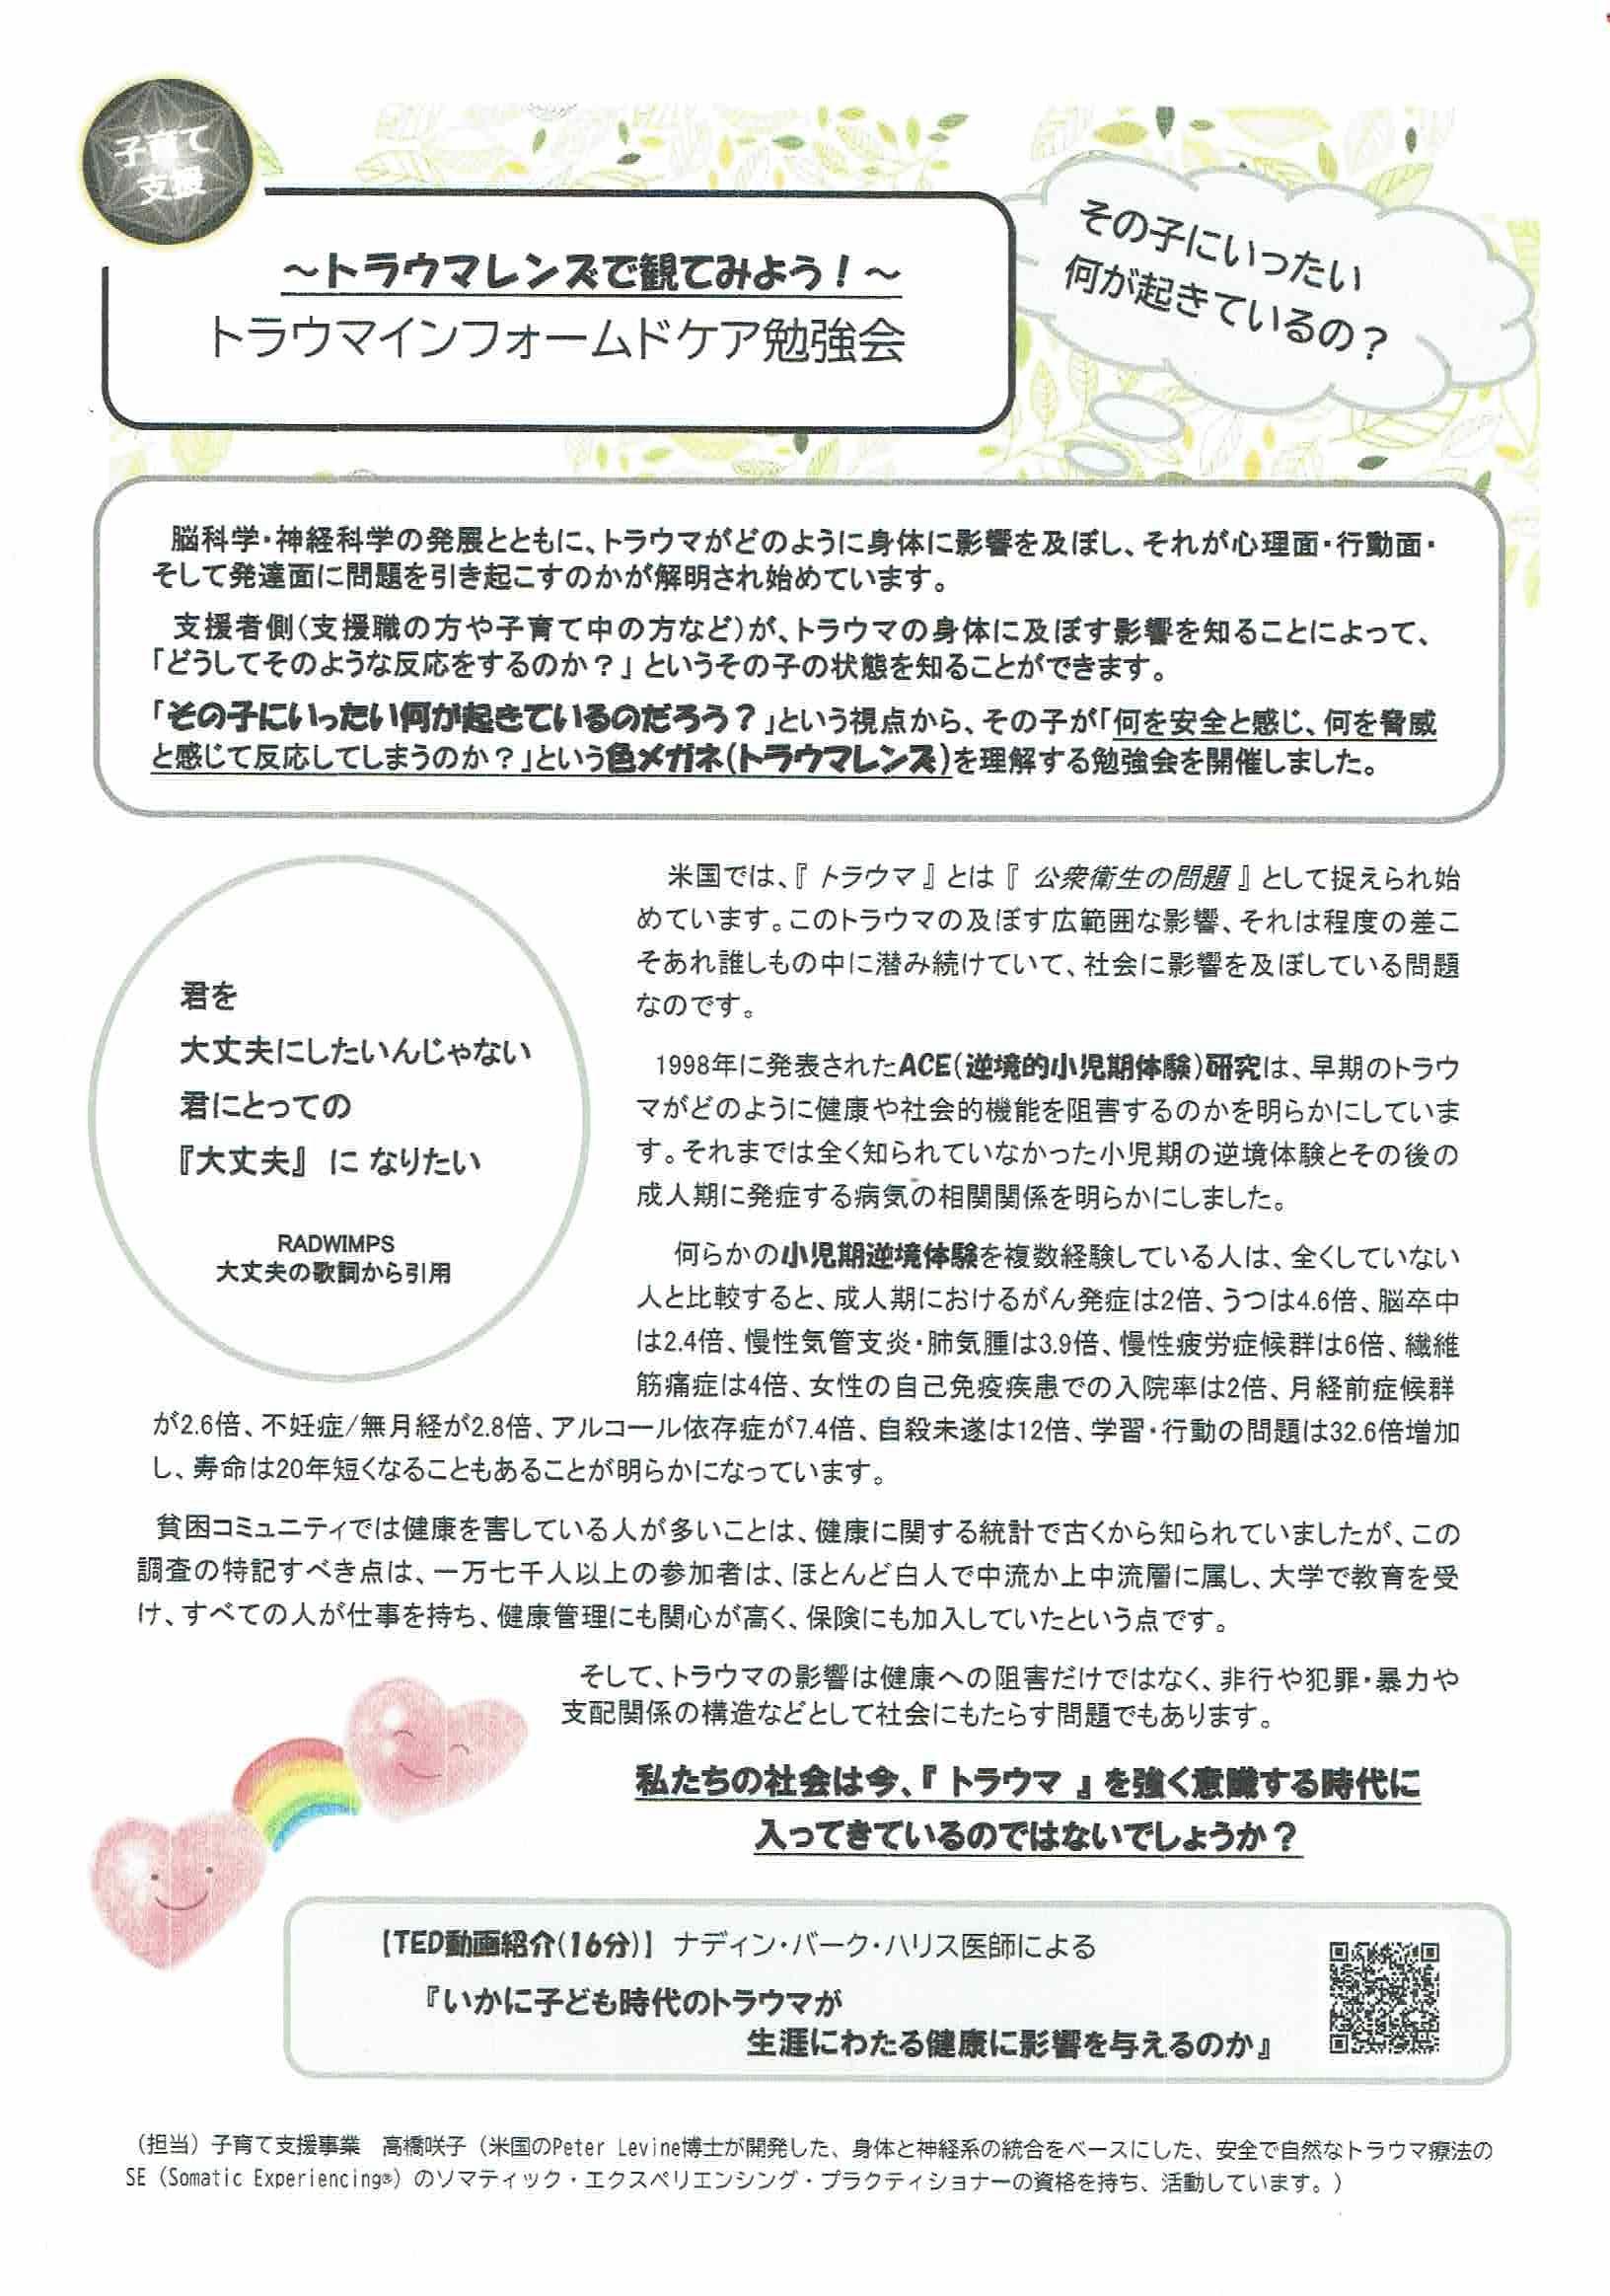 玄米10合 ニュースレター完成!_e0015223_14052566.jpg